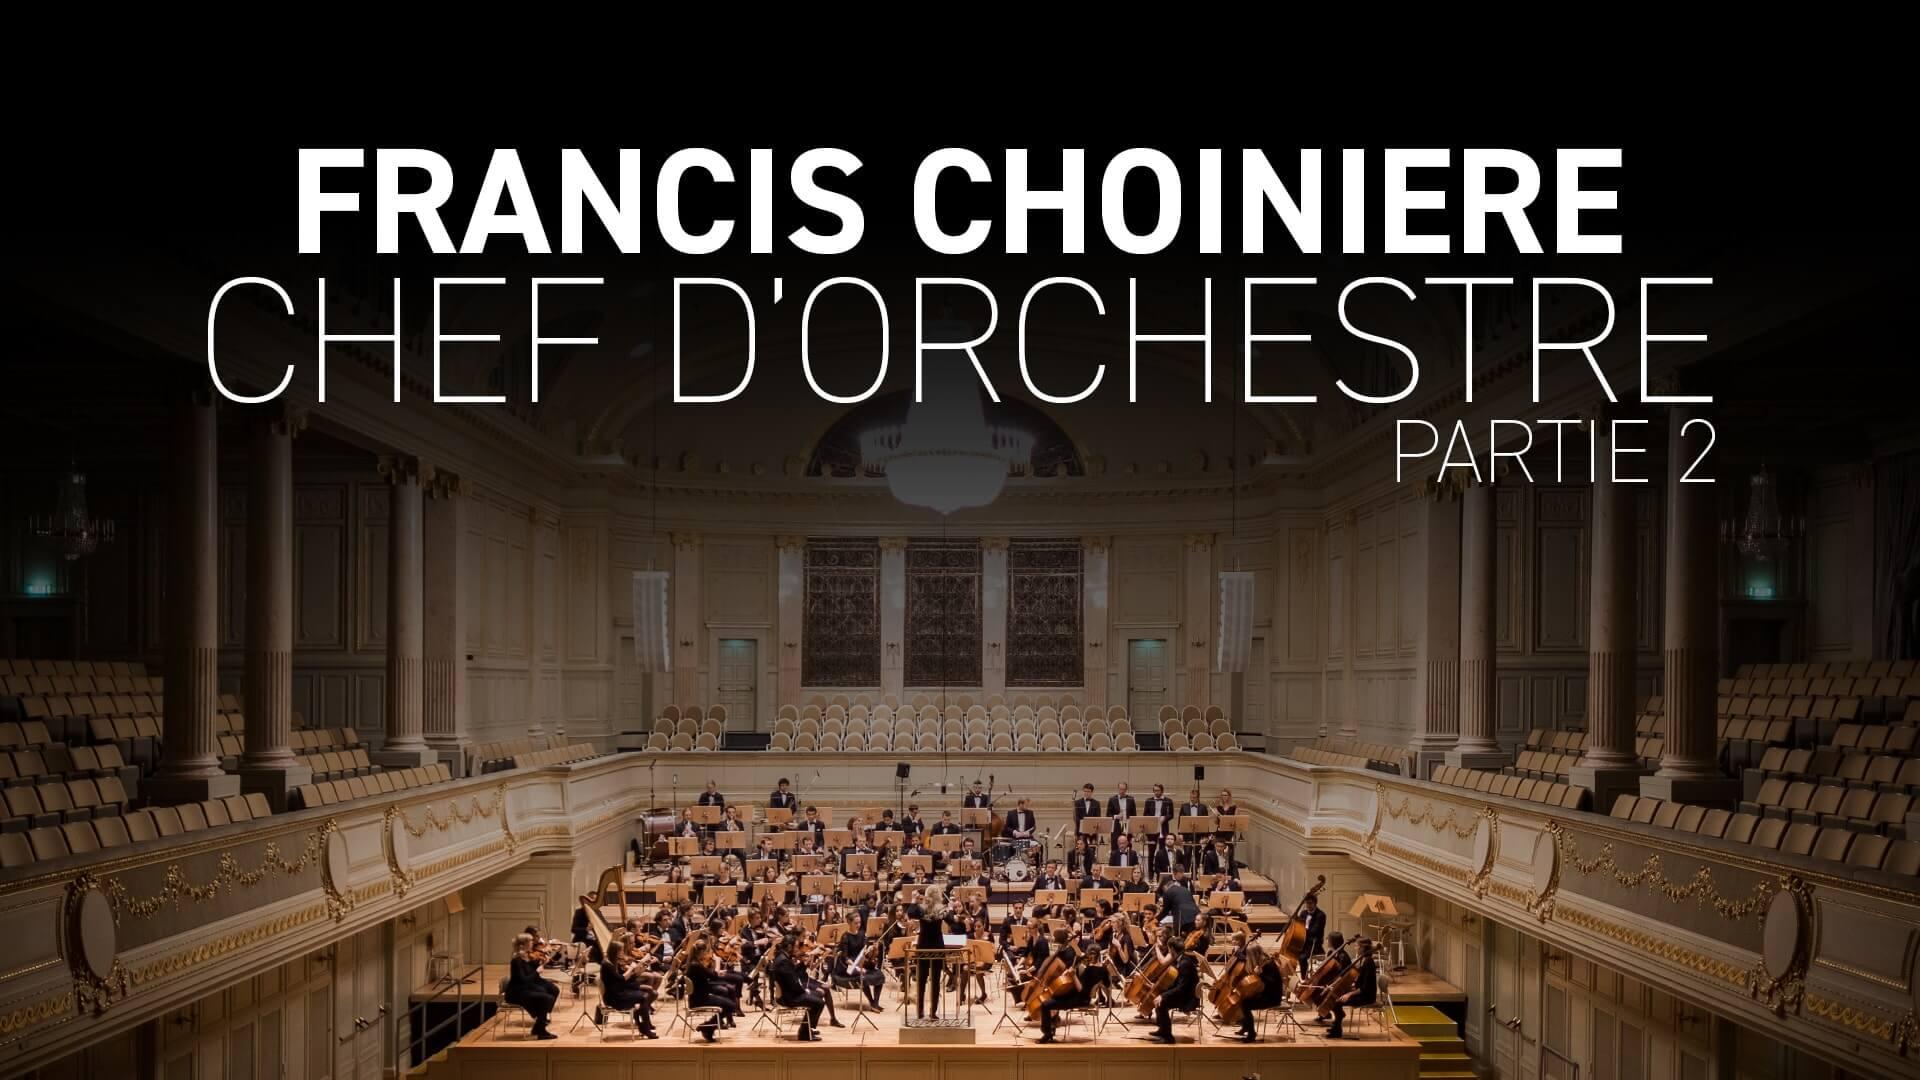 Chef d'orchestre pt2